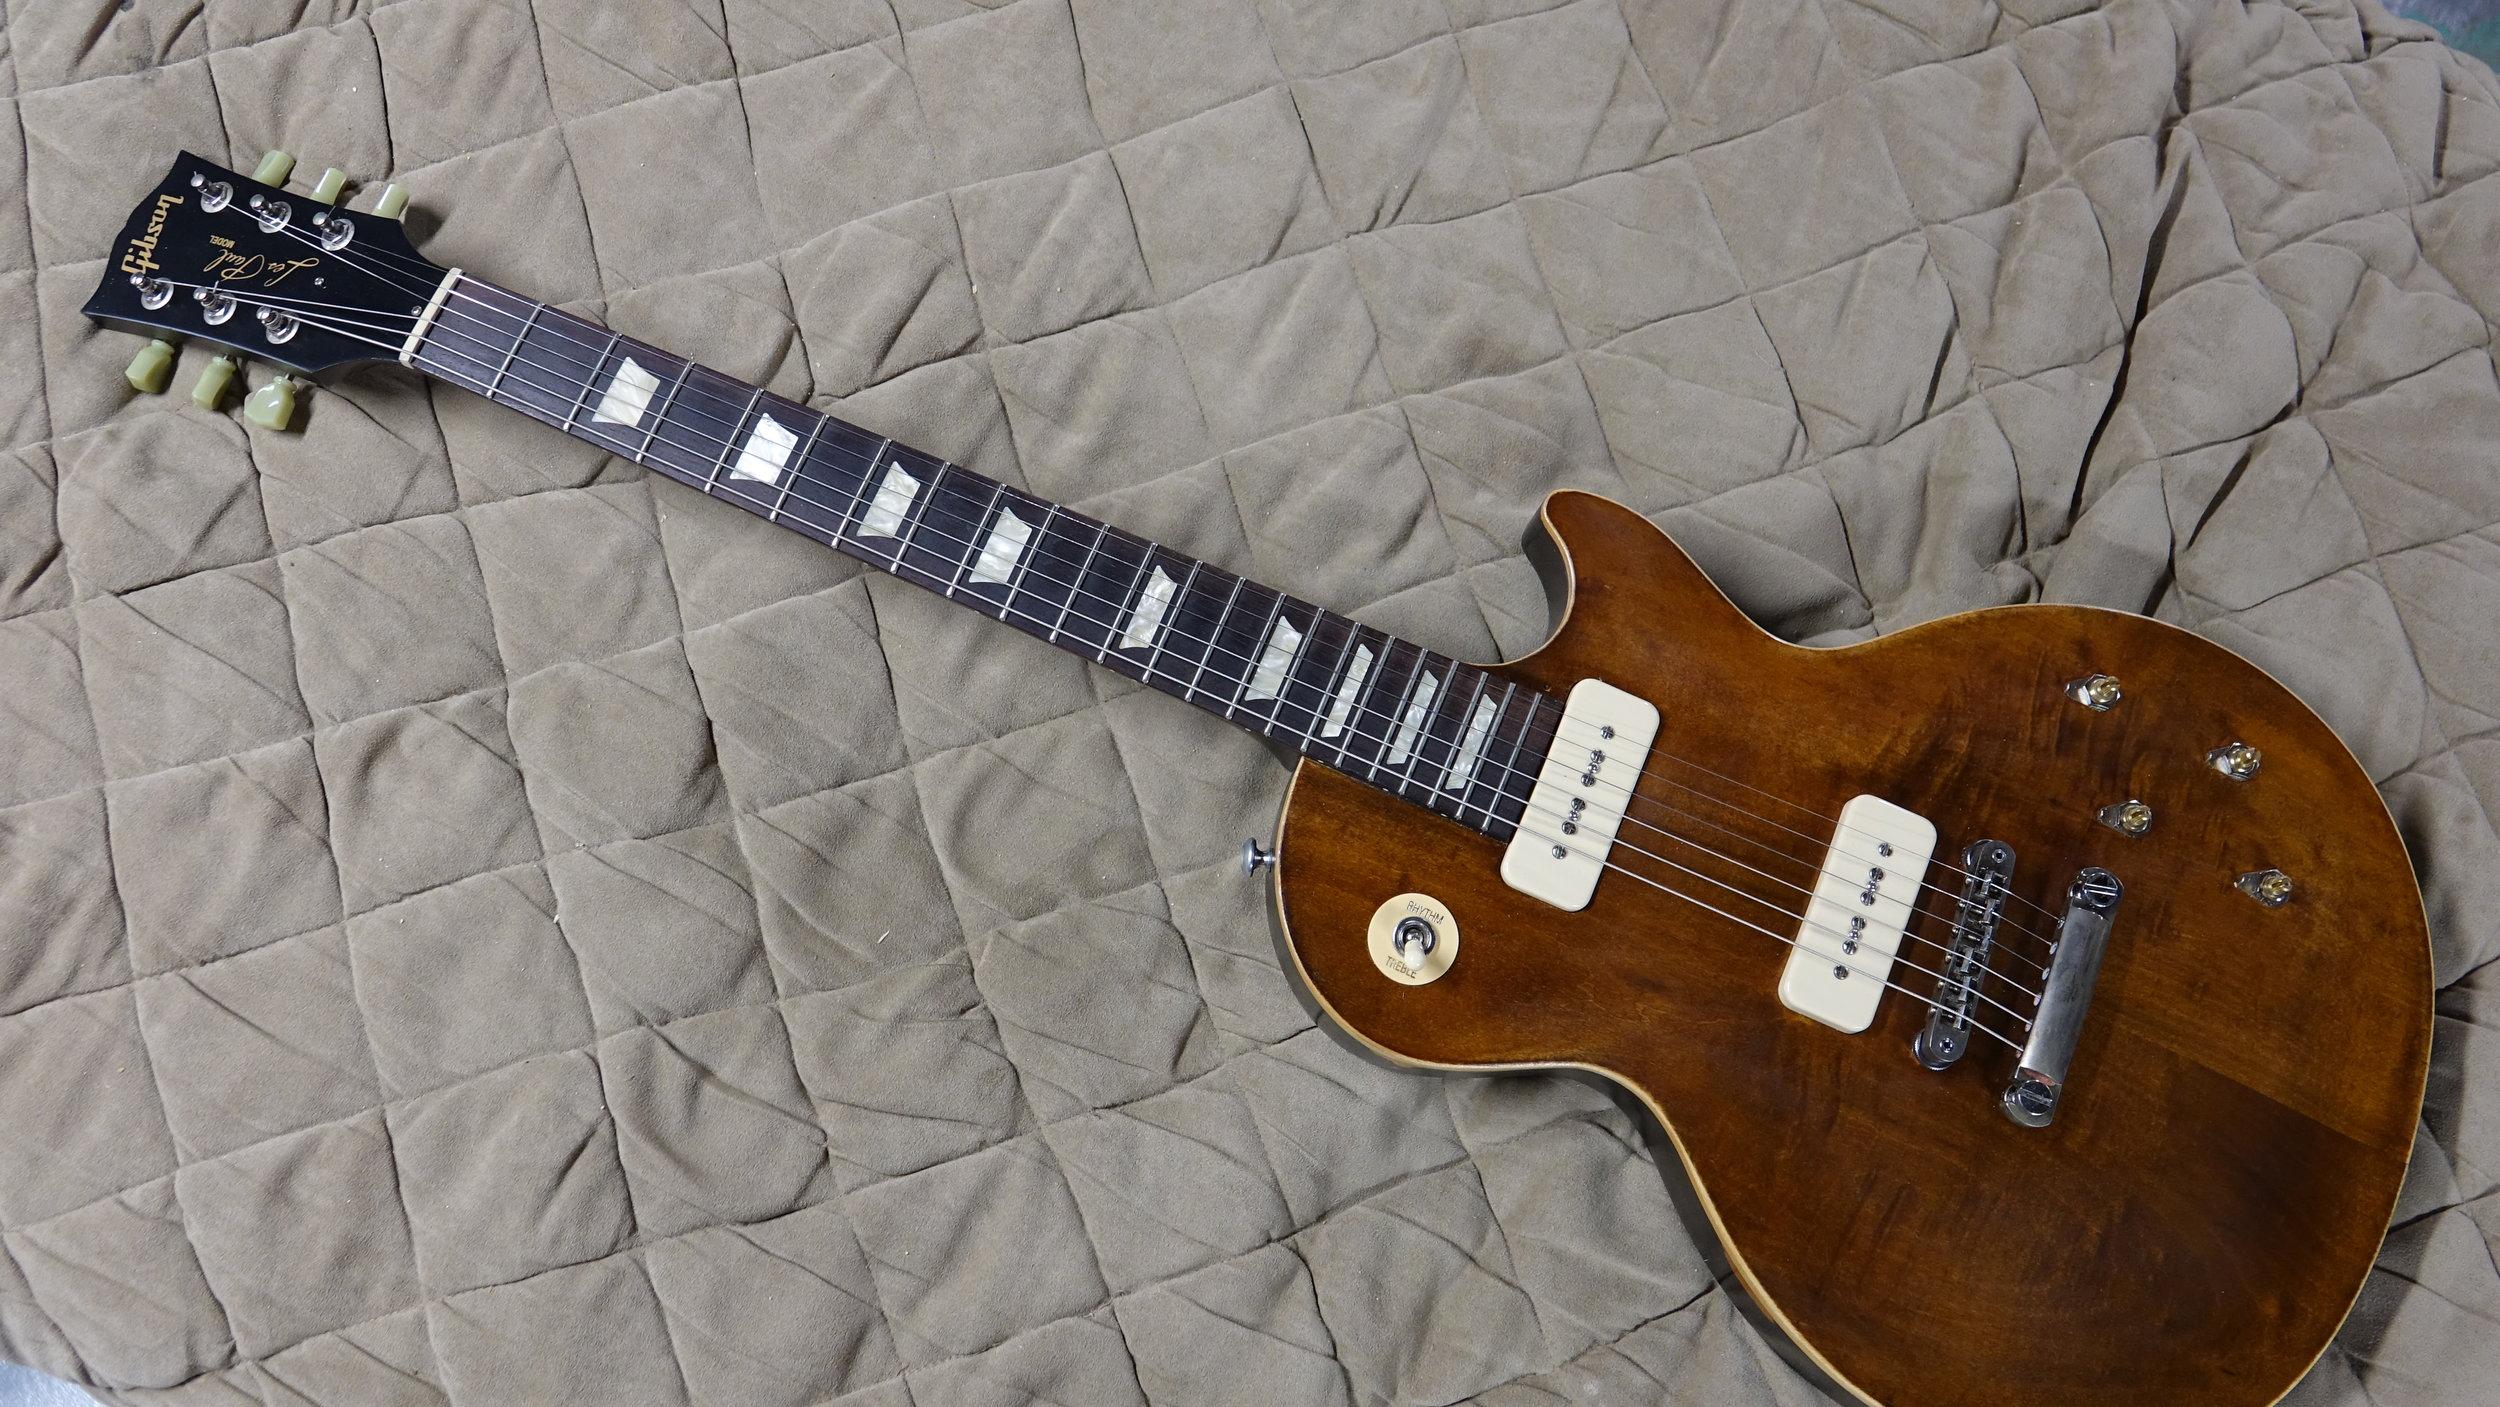 7db9e2a9aa9 Aged Les Paul Standard Guitar